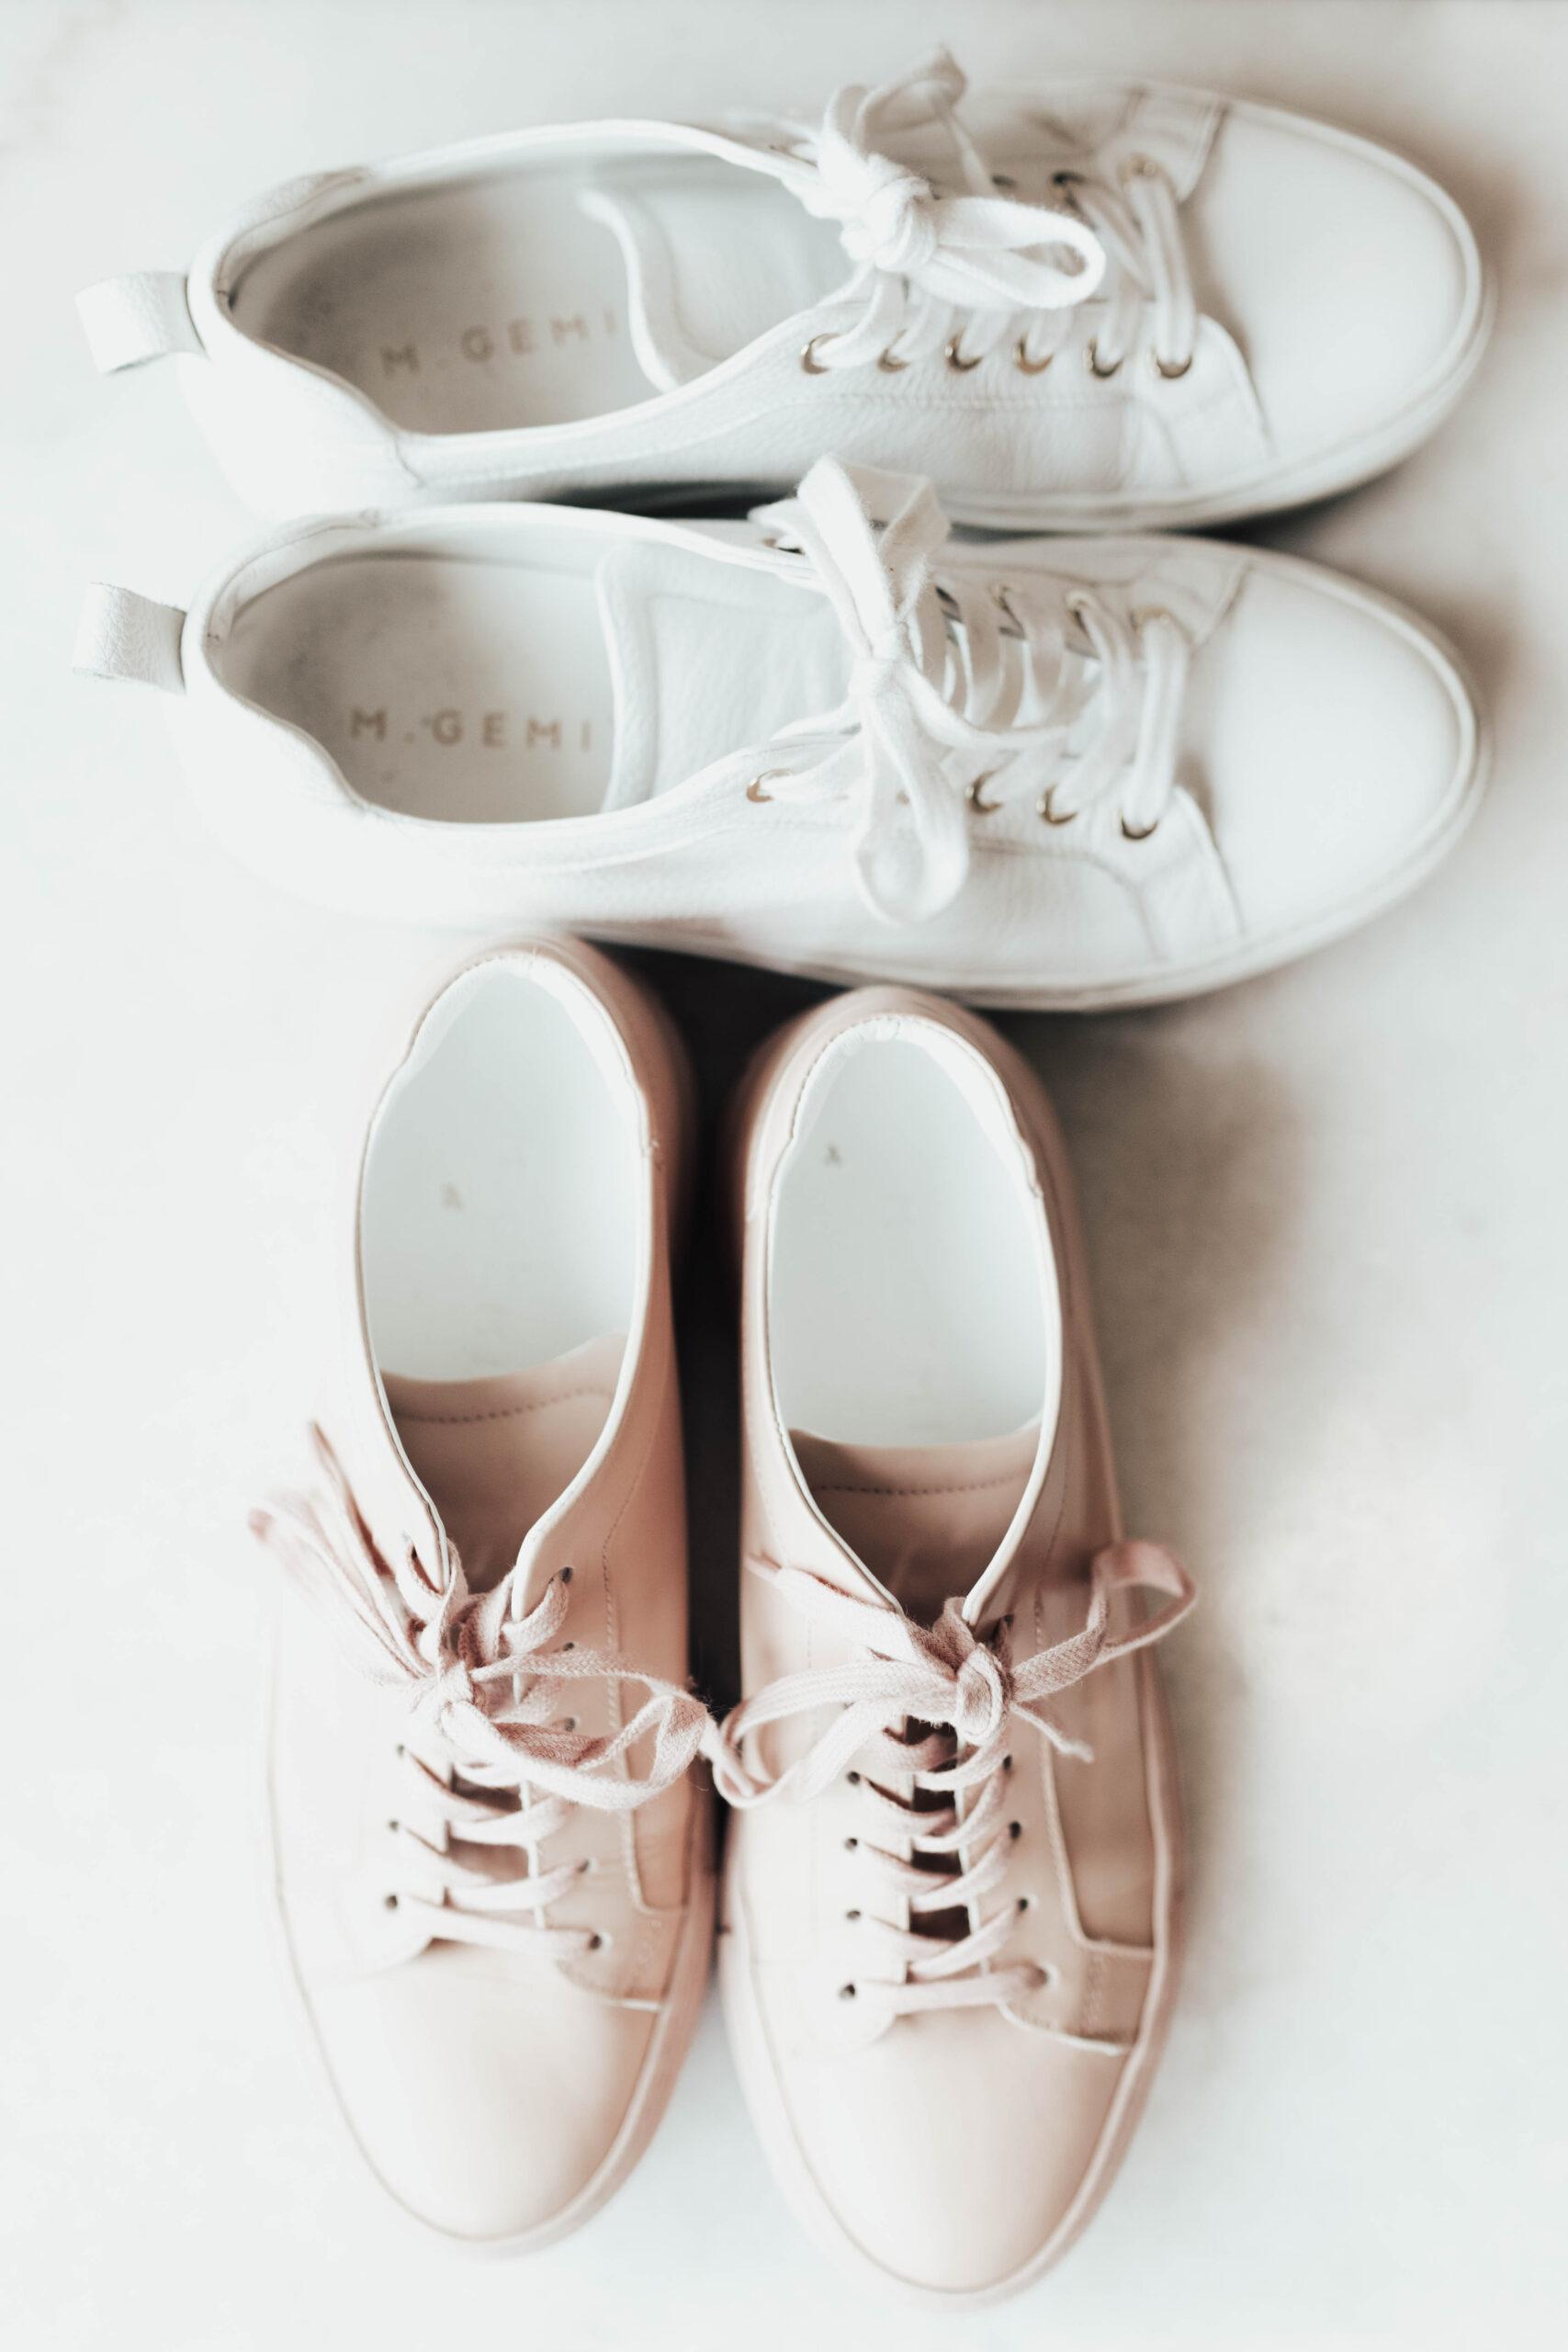 Palestra Sneaker, THE PALESTRA MINIMO, M. Gemi, Katwalksf